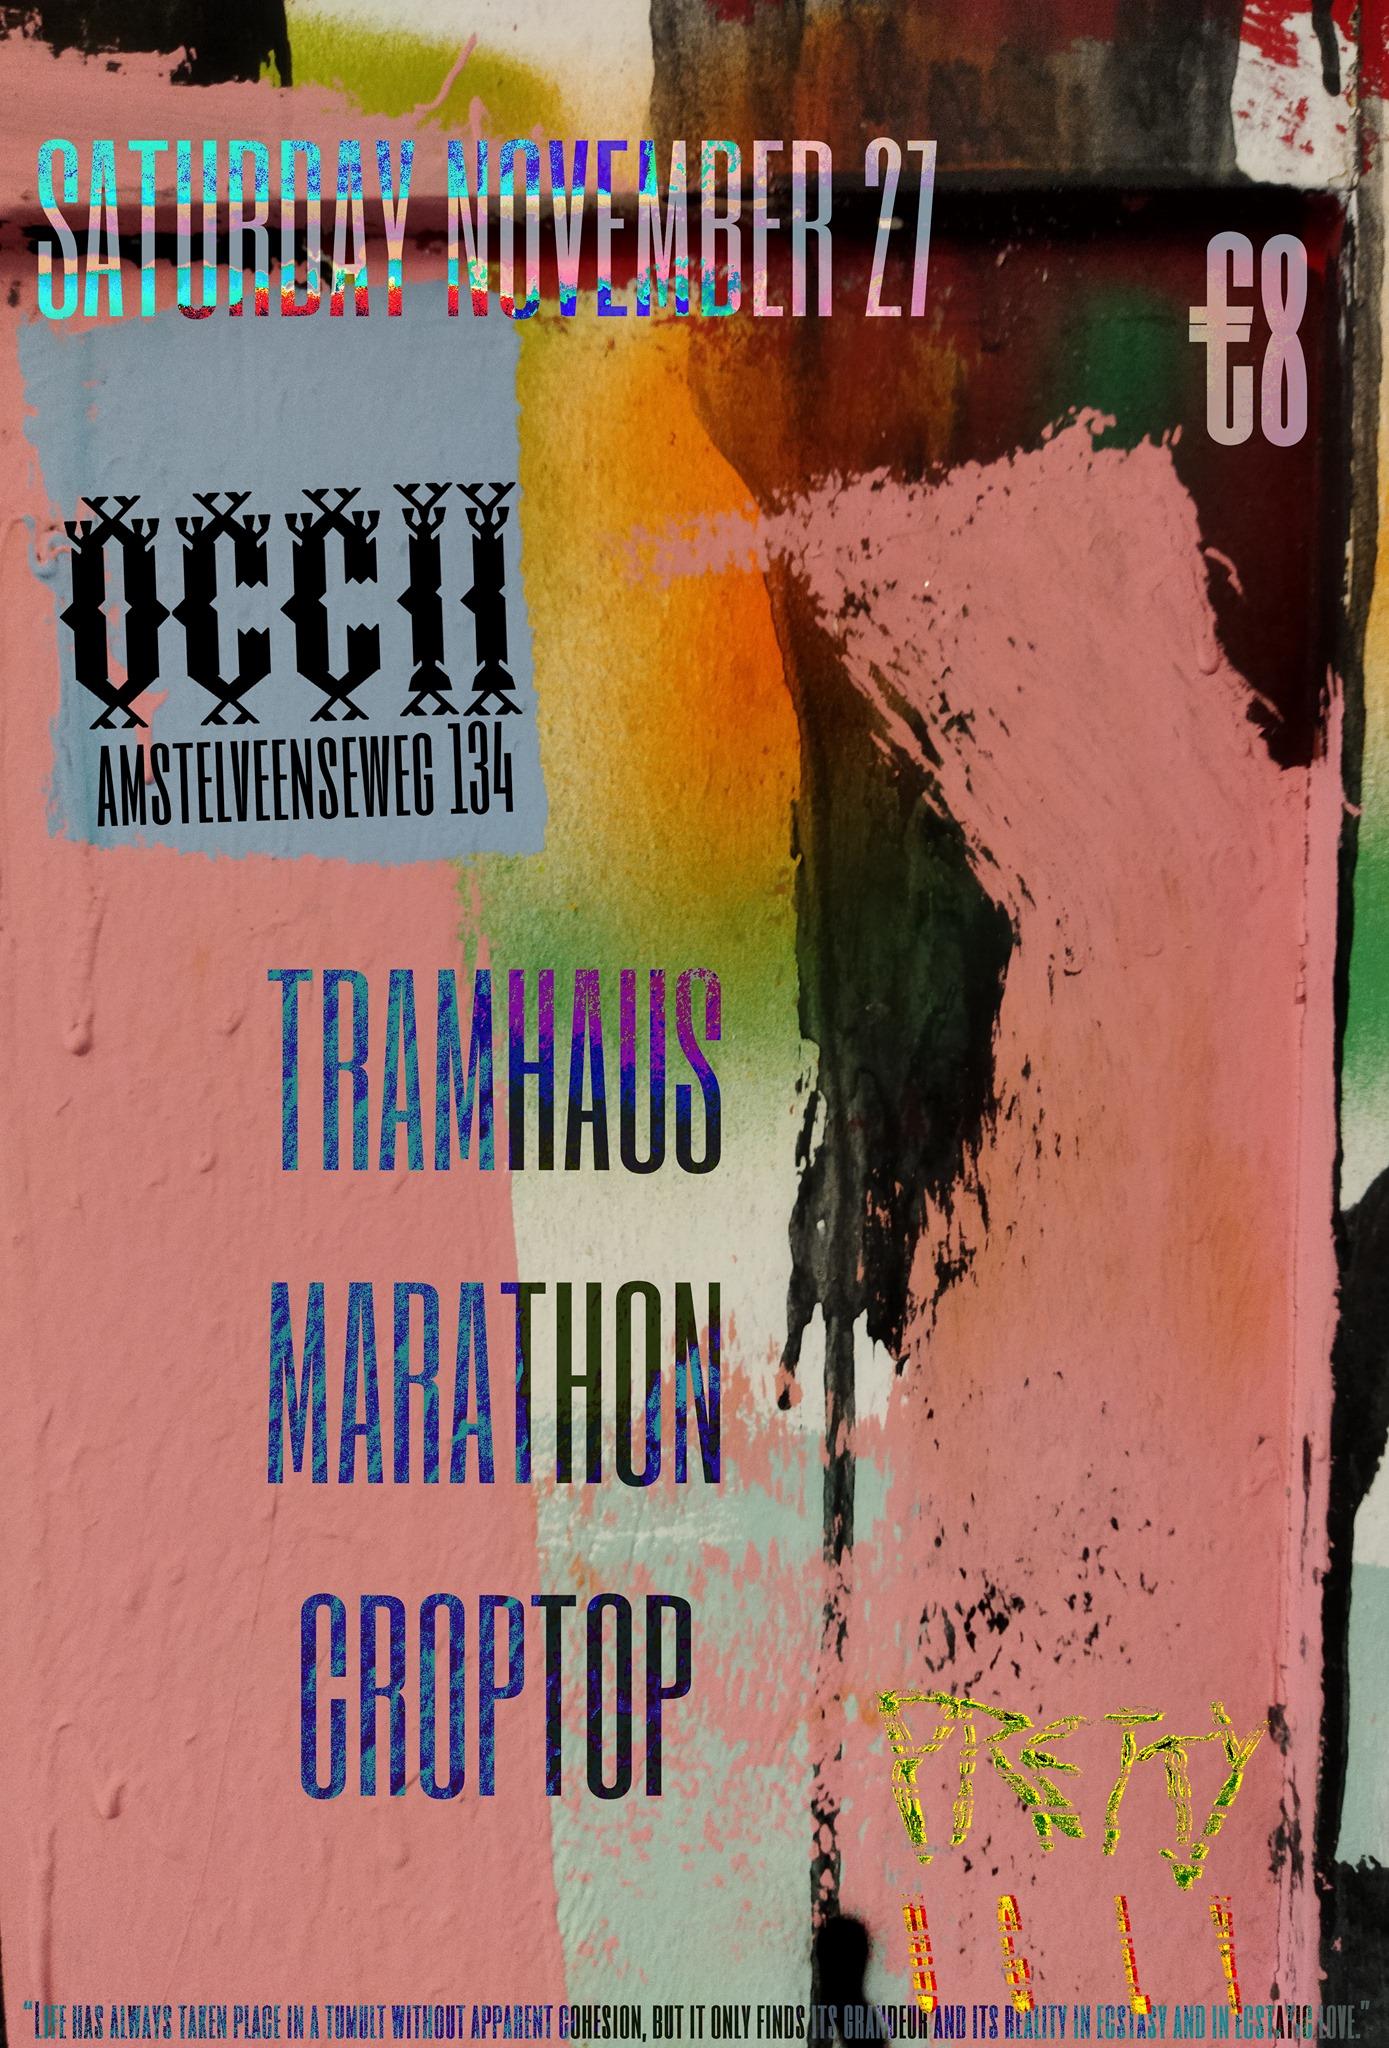 TRAMHAUS + MARATHON + CROPTOP